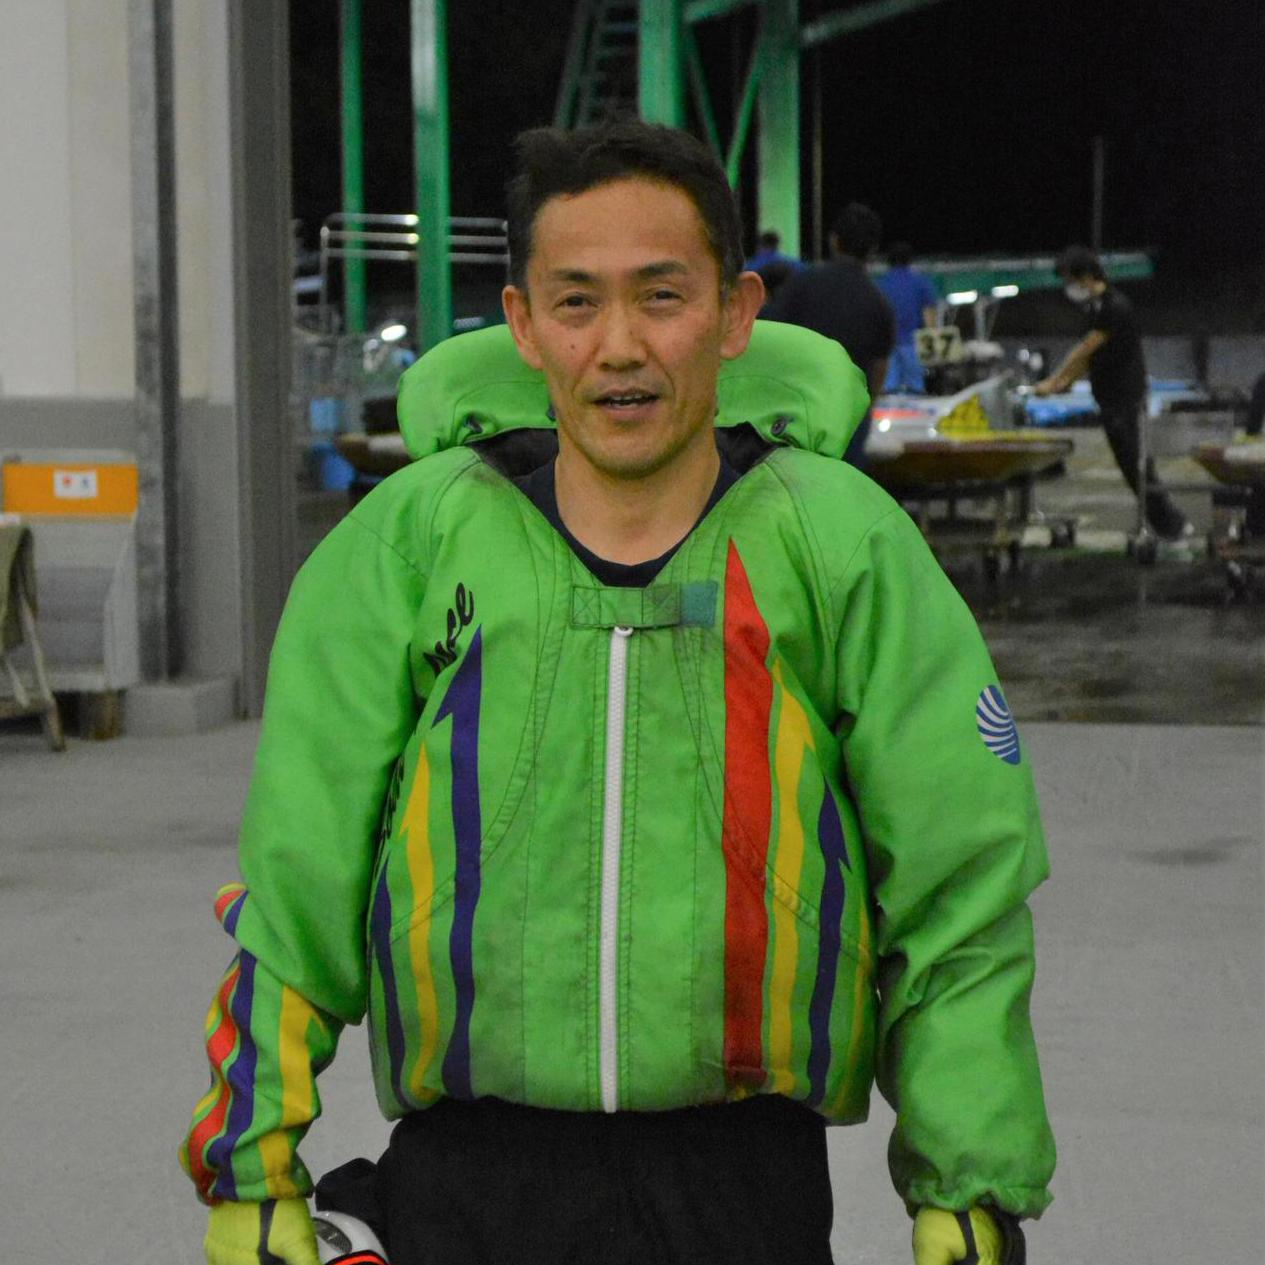 【競艇G3】マスターズリーグ第1戦 優勝は野中義生選手!静岡支部。ボートレース大村・競艇